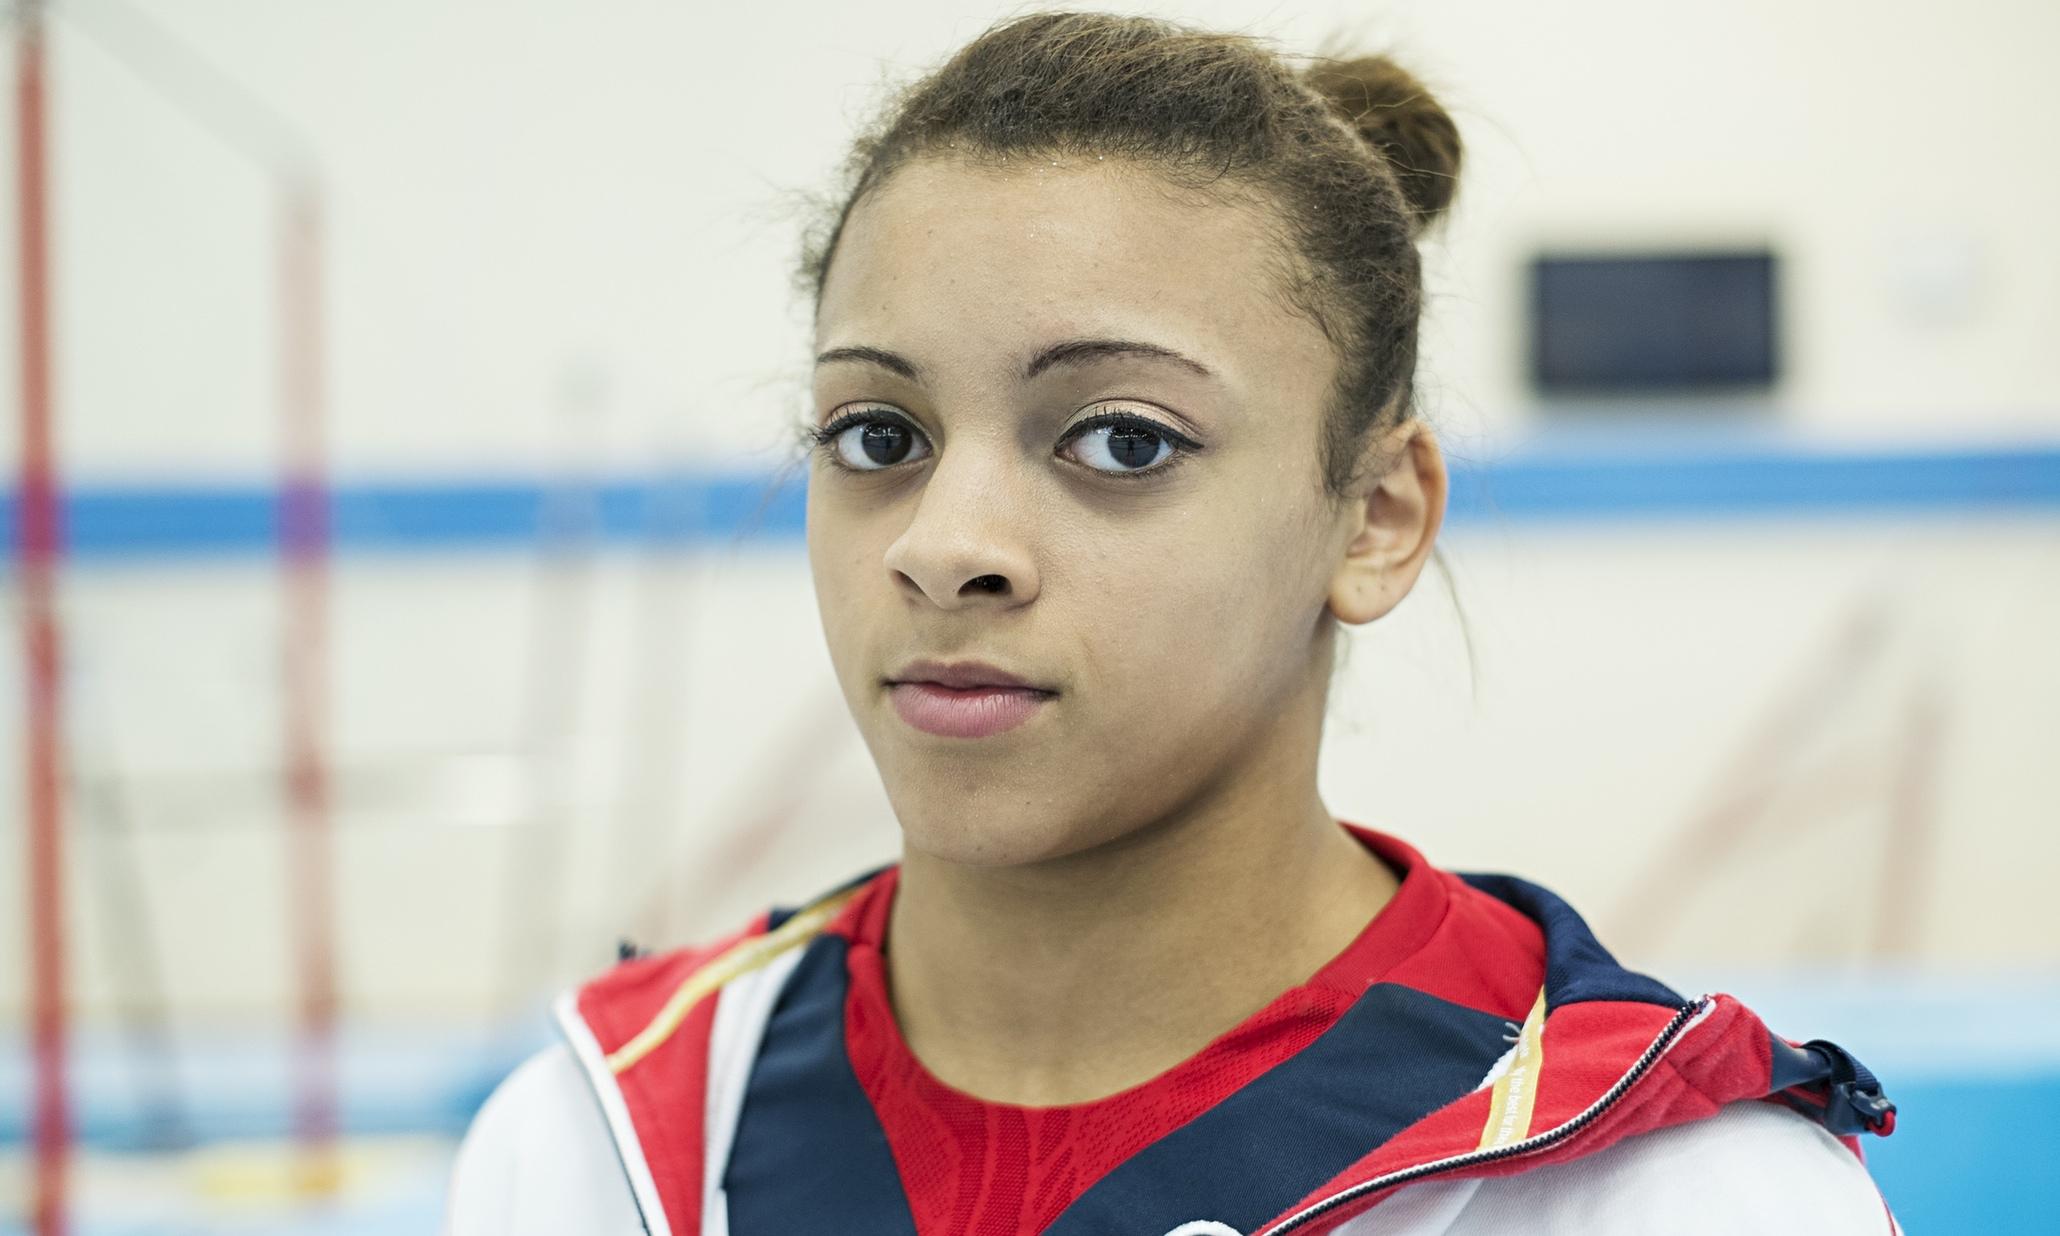 Ellie Downie age